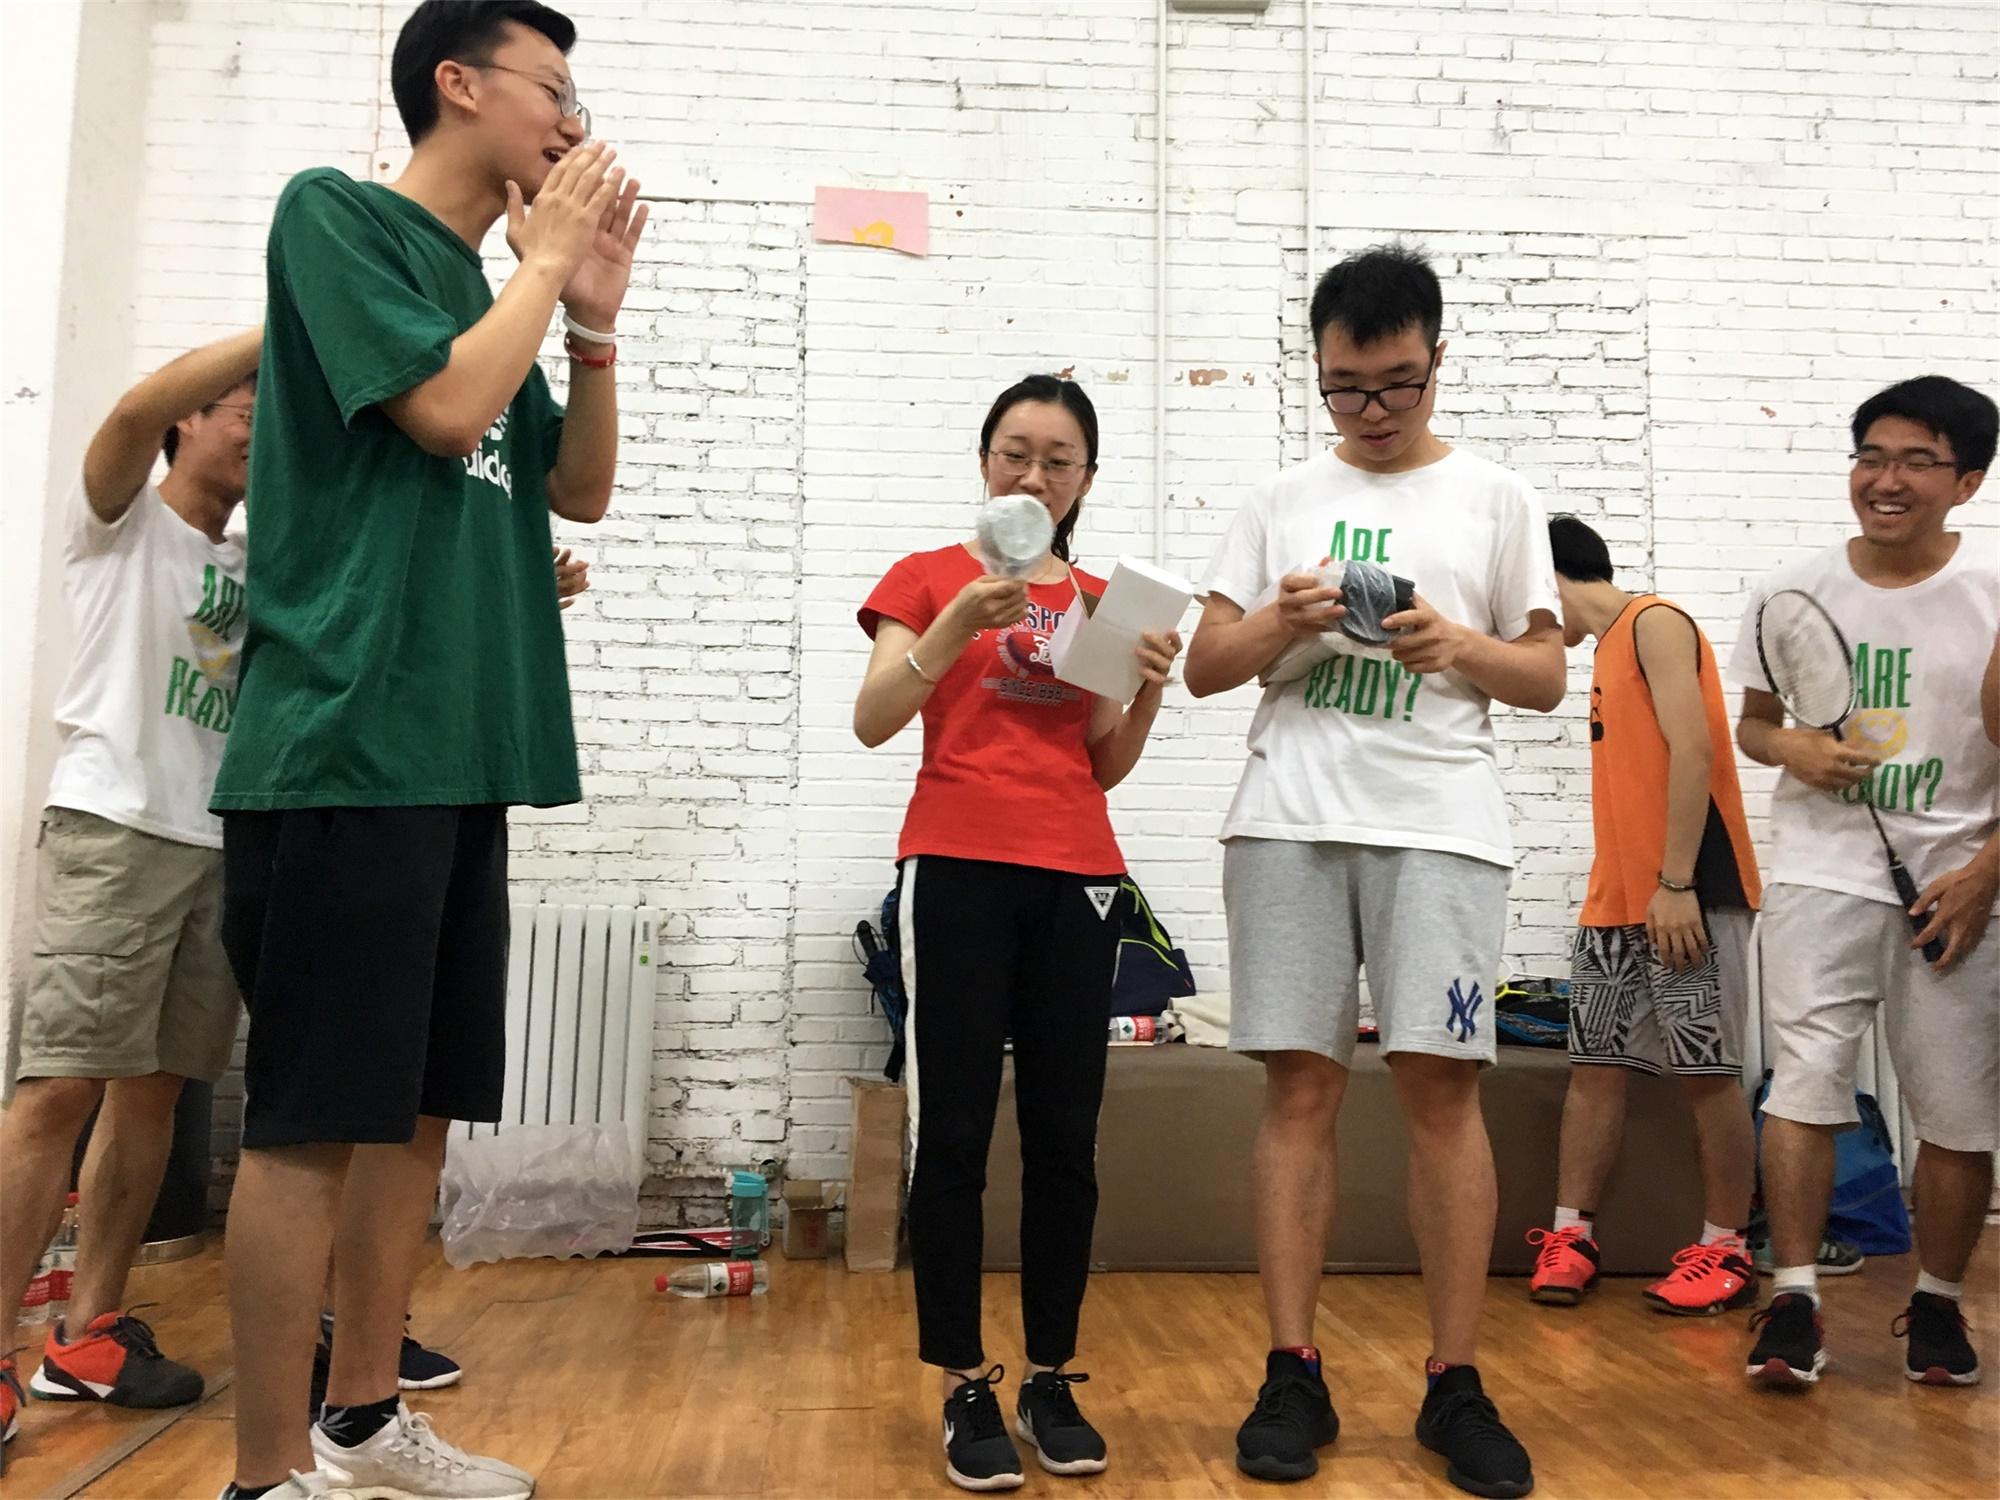 乒乓球亚军河马组合